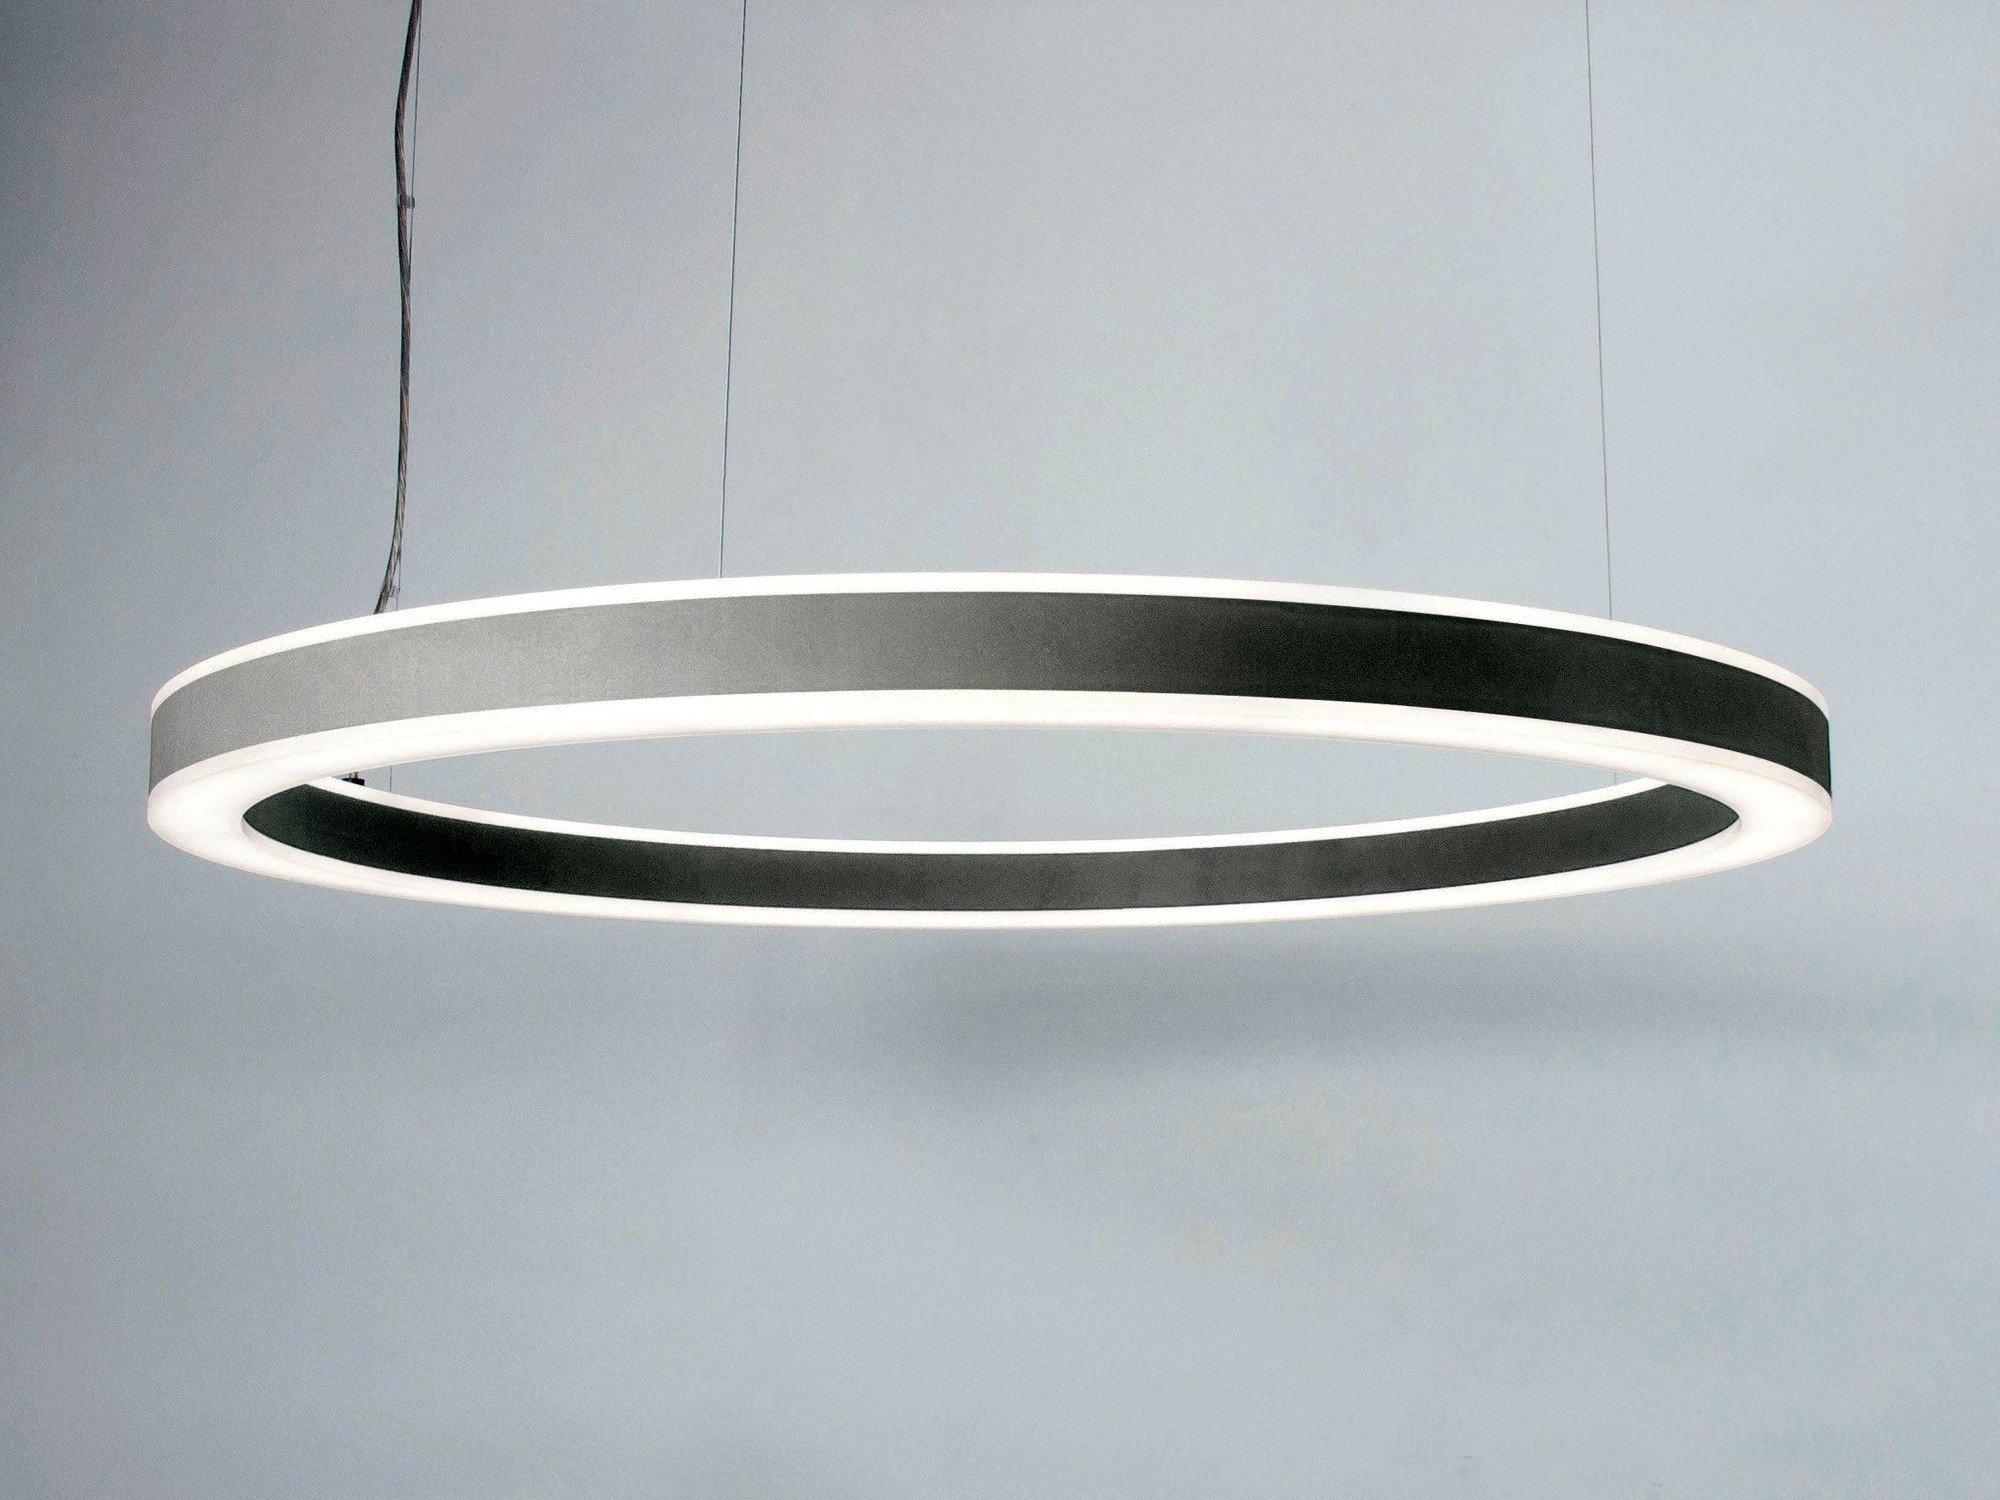 Deckenlampe Led Wohnzimmer mit genial design für ihr wohnideen